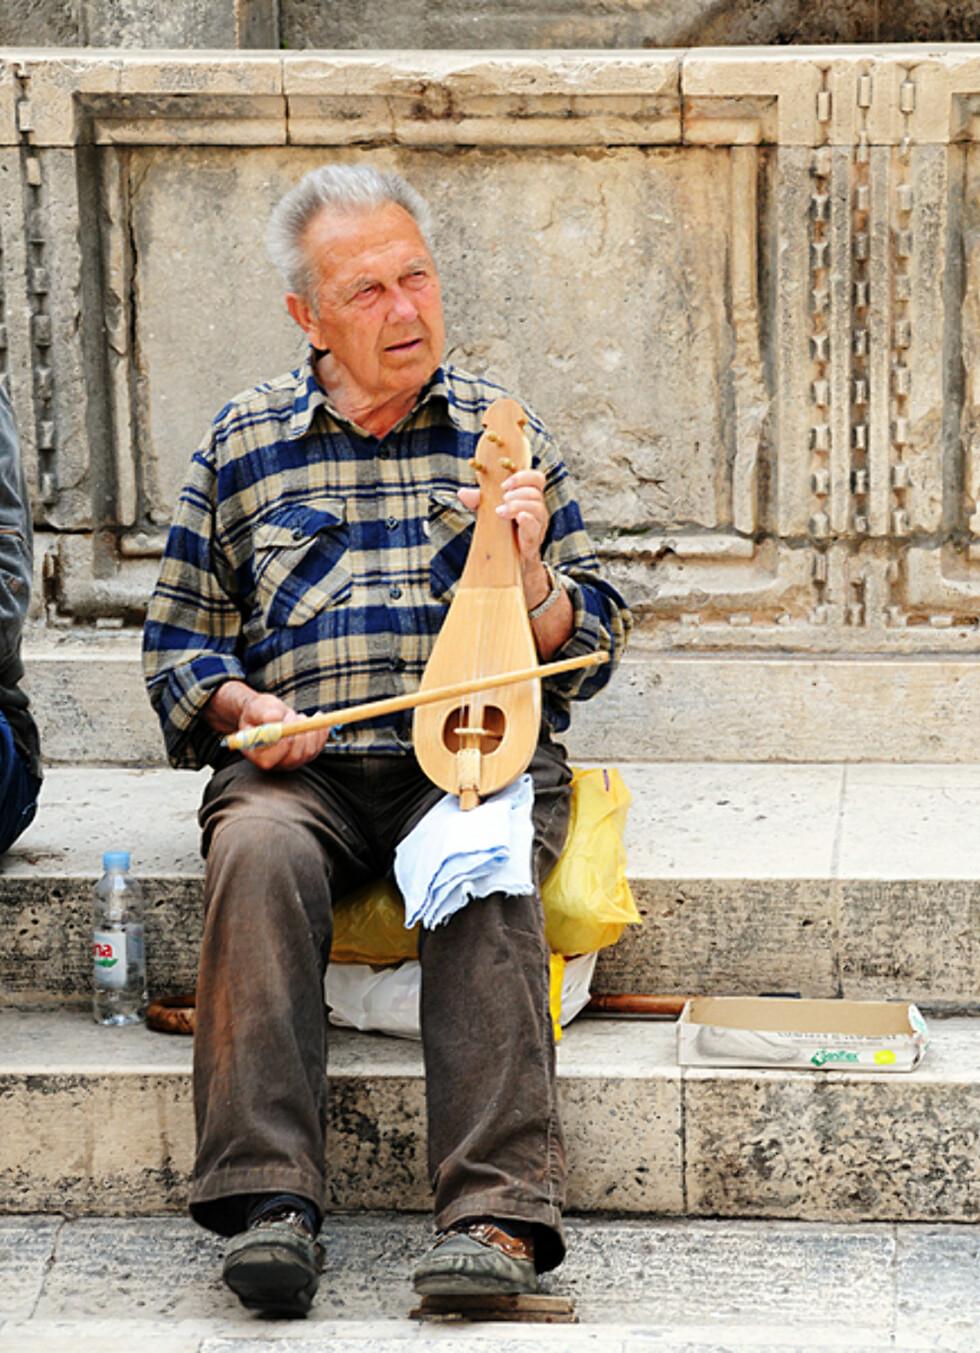 Det er mange som benytter sjansen til å tjene en ekstra slant av turismen. Foto: Hans Kristian Krogh-Hanssen